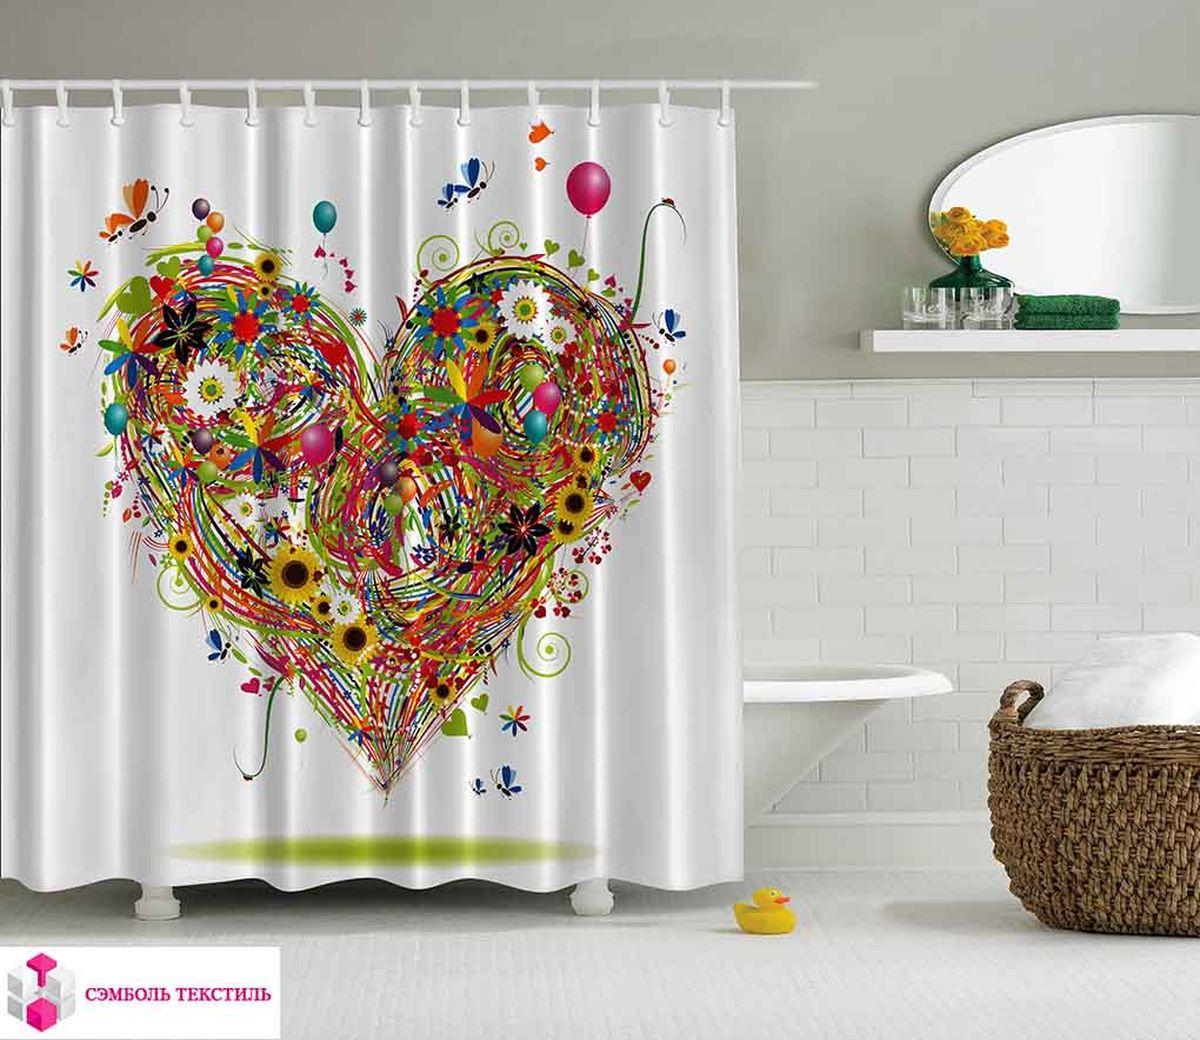 Штора для ванной комнаты Magic Lady Цветочное сердце, 180 х 200 см. шв_2693шв_2693Штора Magic Lady Цветочное сердце, изготовленная из высококачественного сатена (полиэстер 100%), отлично дополнит любой интерьер ванной комнаты. При изготовлении используются специальные гипоаллергенные чернила для прямой печати по ткани, безопасные для человека.В комплекте: 1 штора, 12 крючков. Обращаем ваше внимание, фактический цвет изделия может незначительно отличаться от представленного на фото.